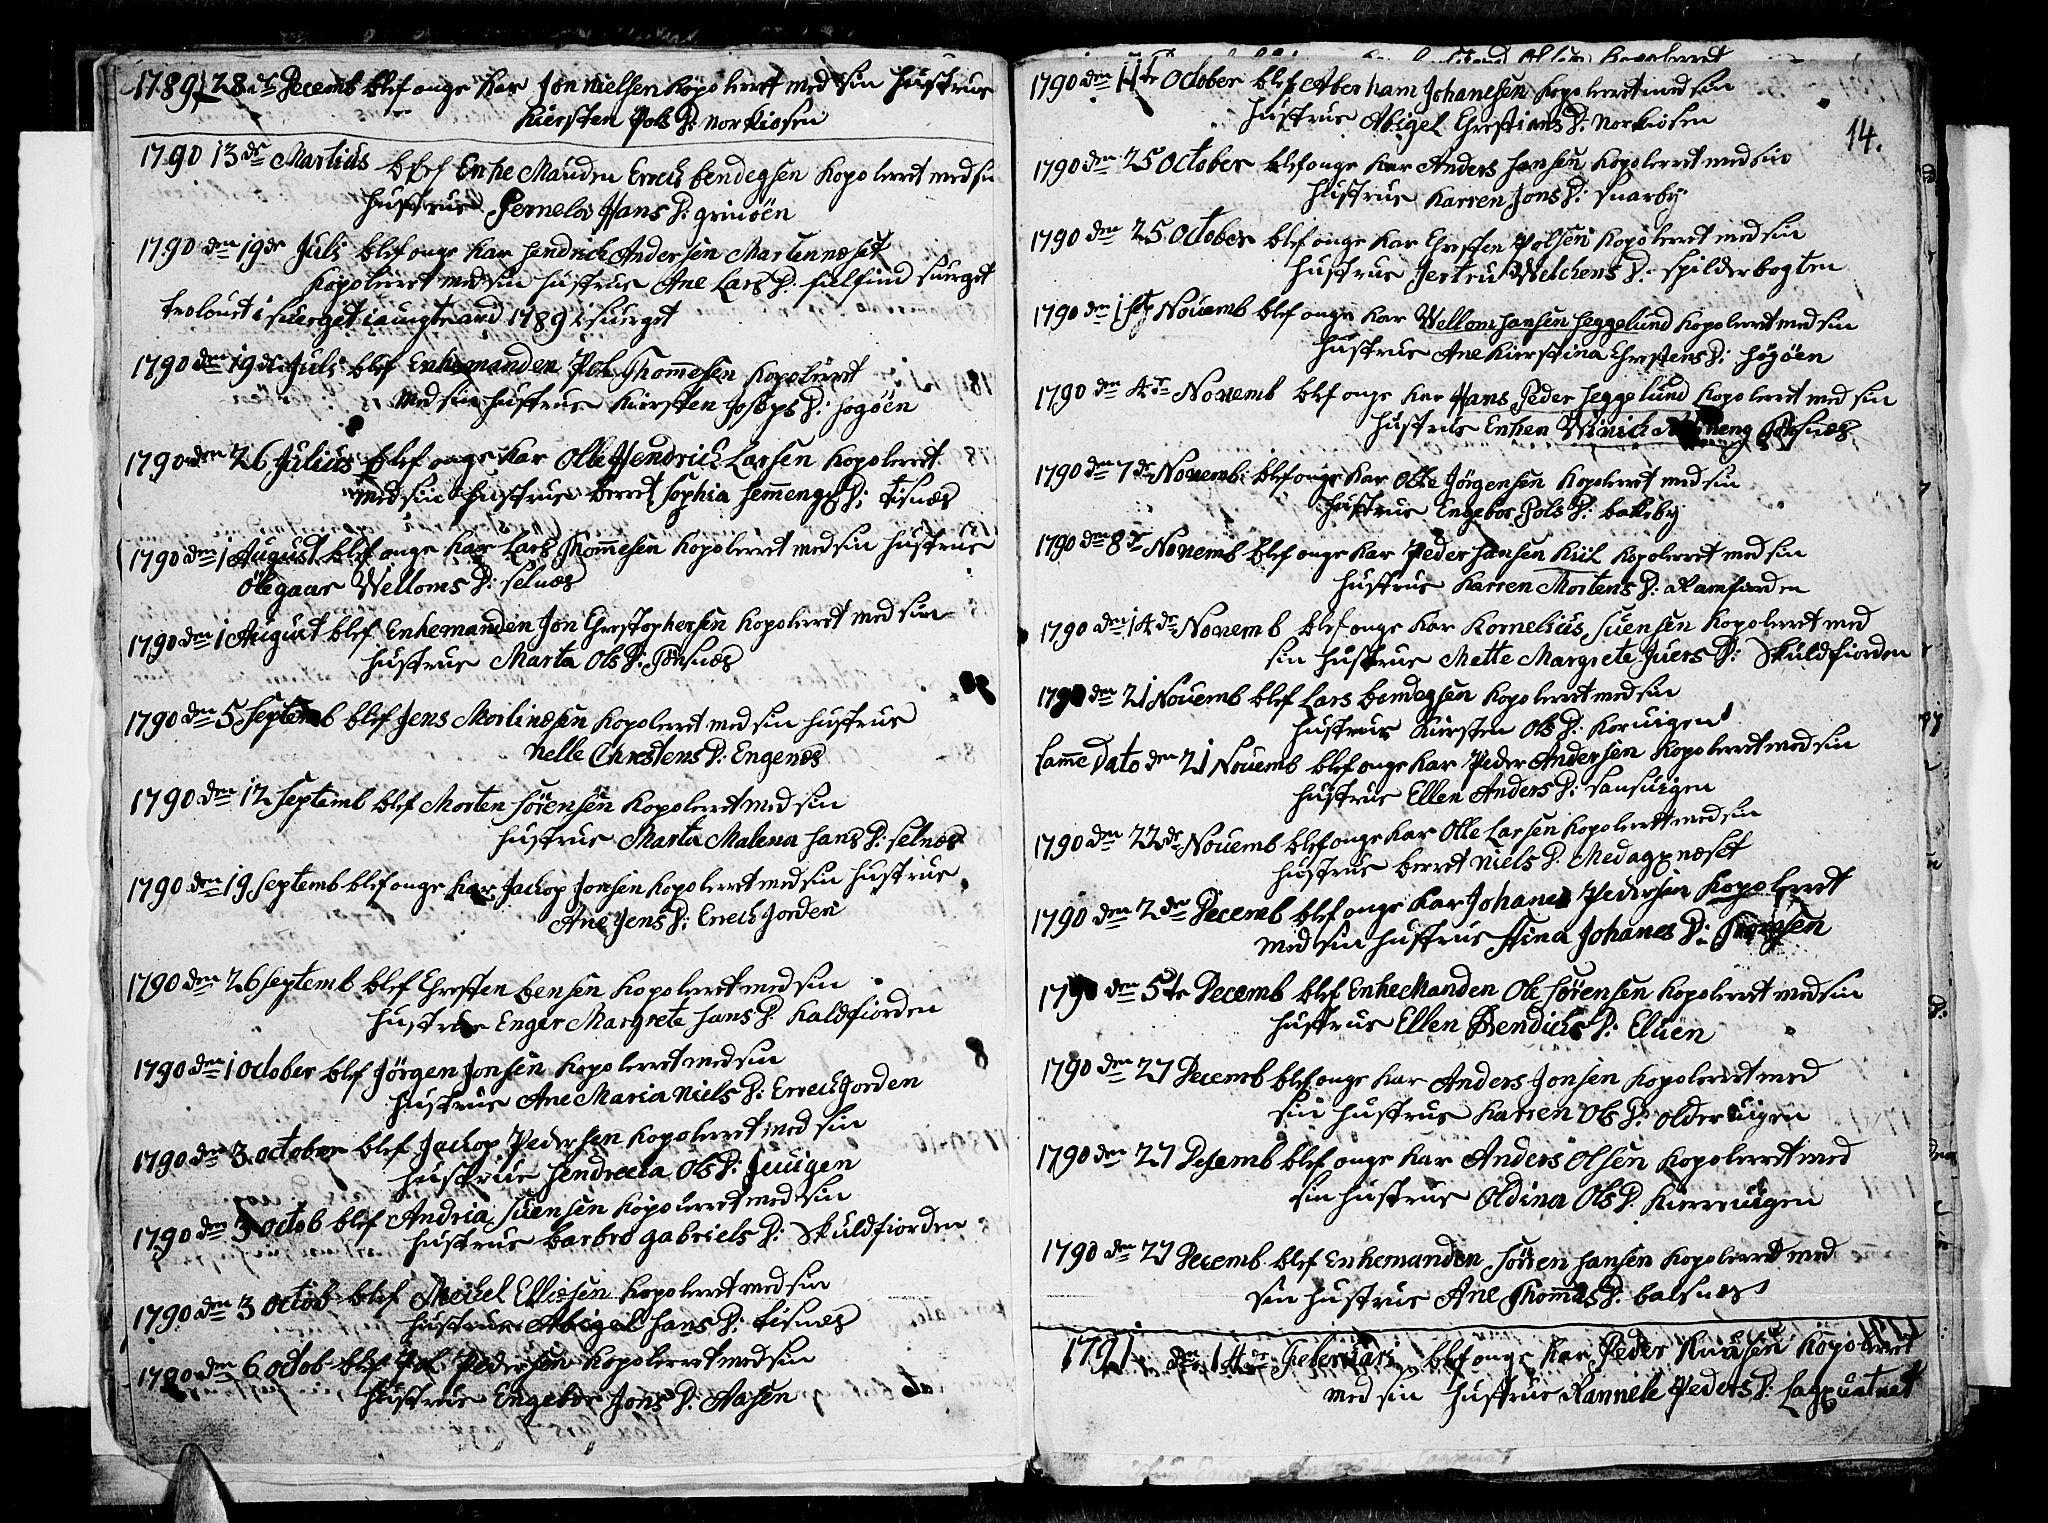 SATØ, Tromsø sokneprestkontor/stiftsprosti/domprosti, G/Ga/L0004kirke: Ministerialbok nr. 4, 1787-1795, s. 14